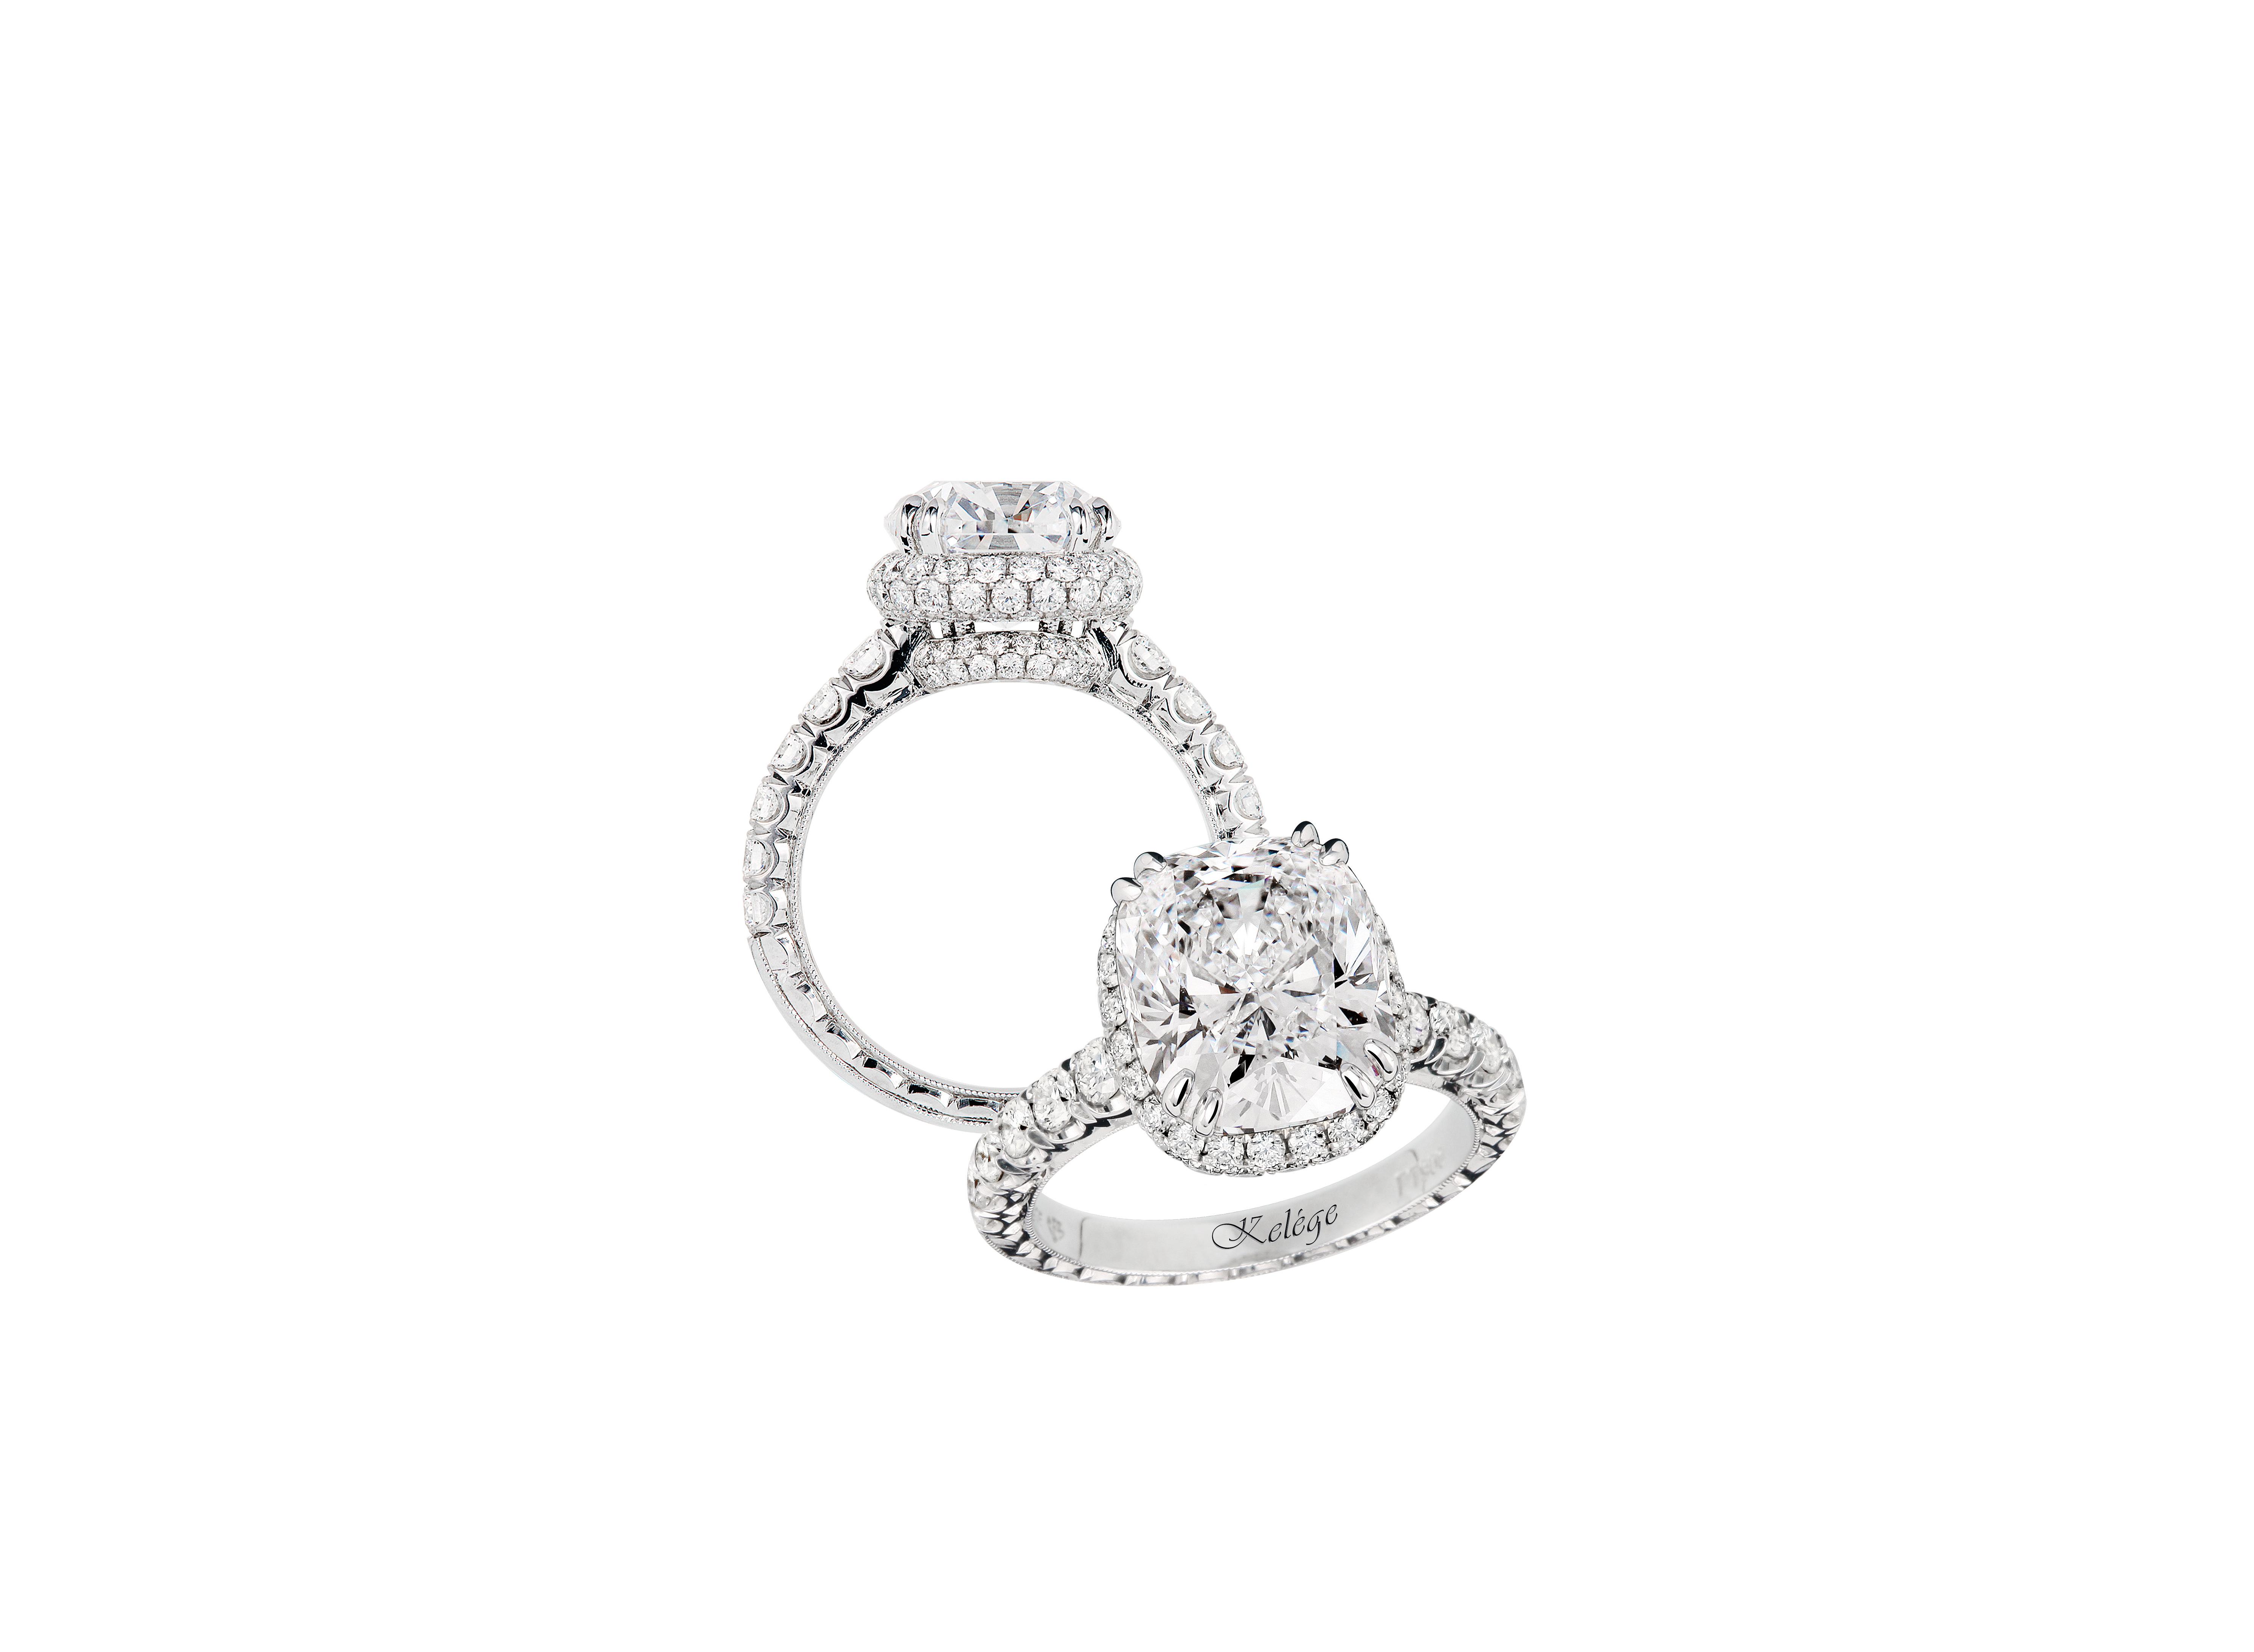 jack kelege cushion cut engagement ring with round stones